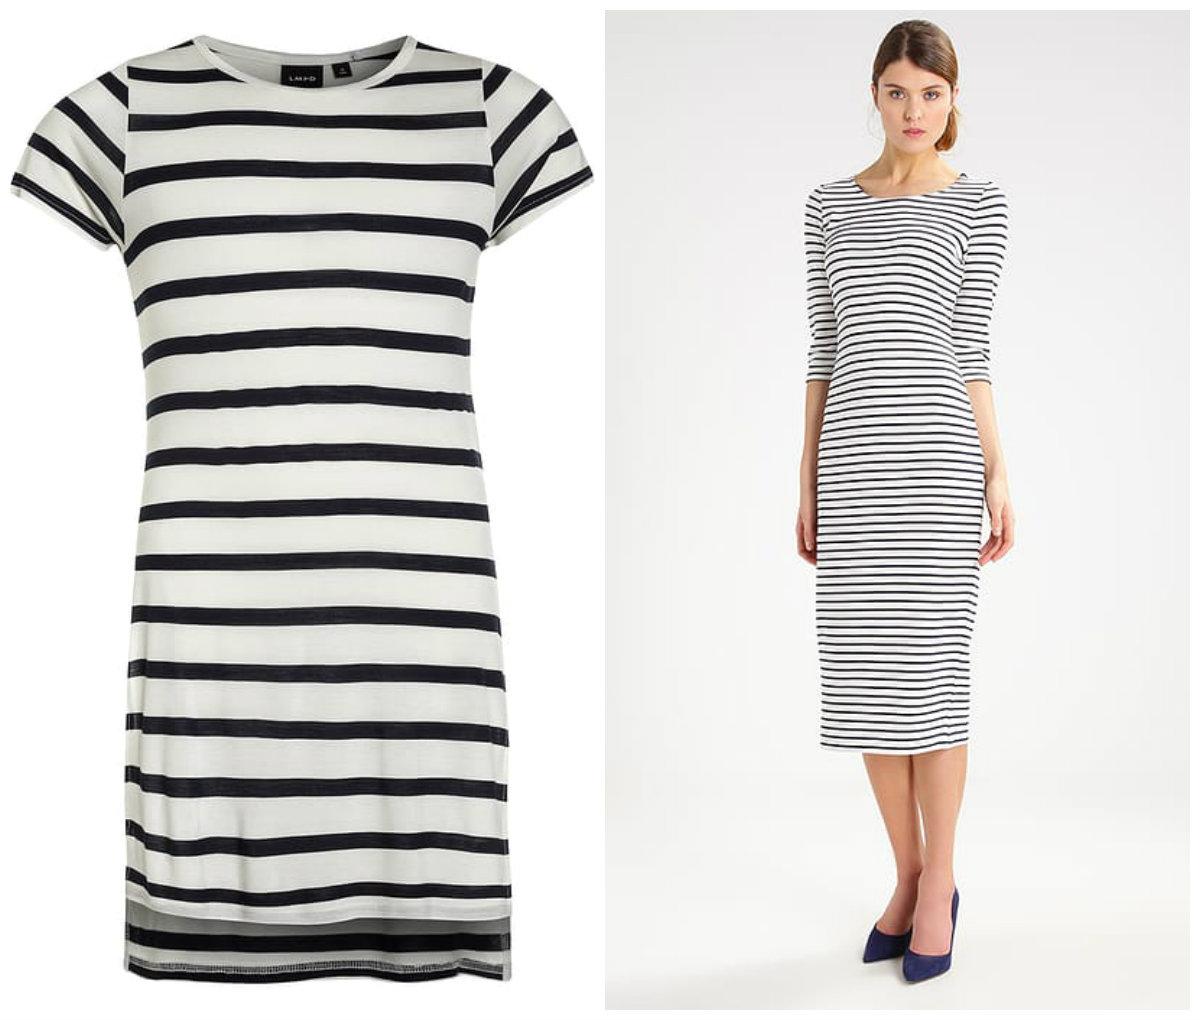 4d61a78695 Biała sukienka w paski Esprit  KLIK  dla mamy i mniejsza dla dziewczynki od  marki Name It  KLIK  nie są w prawdzie identyczne